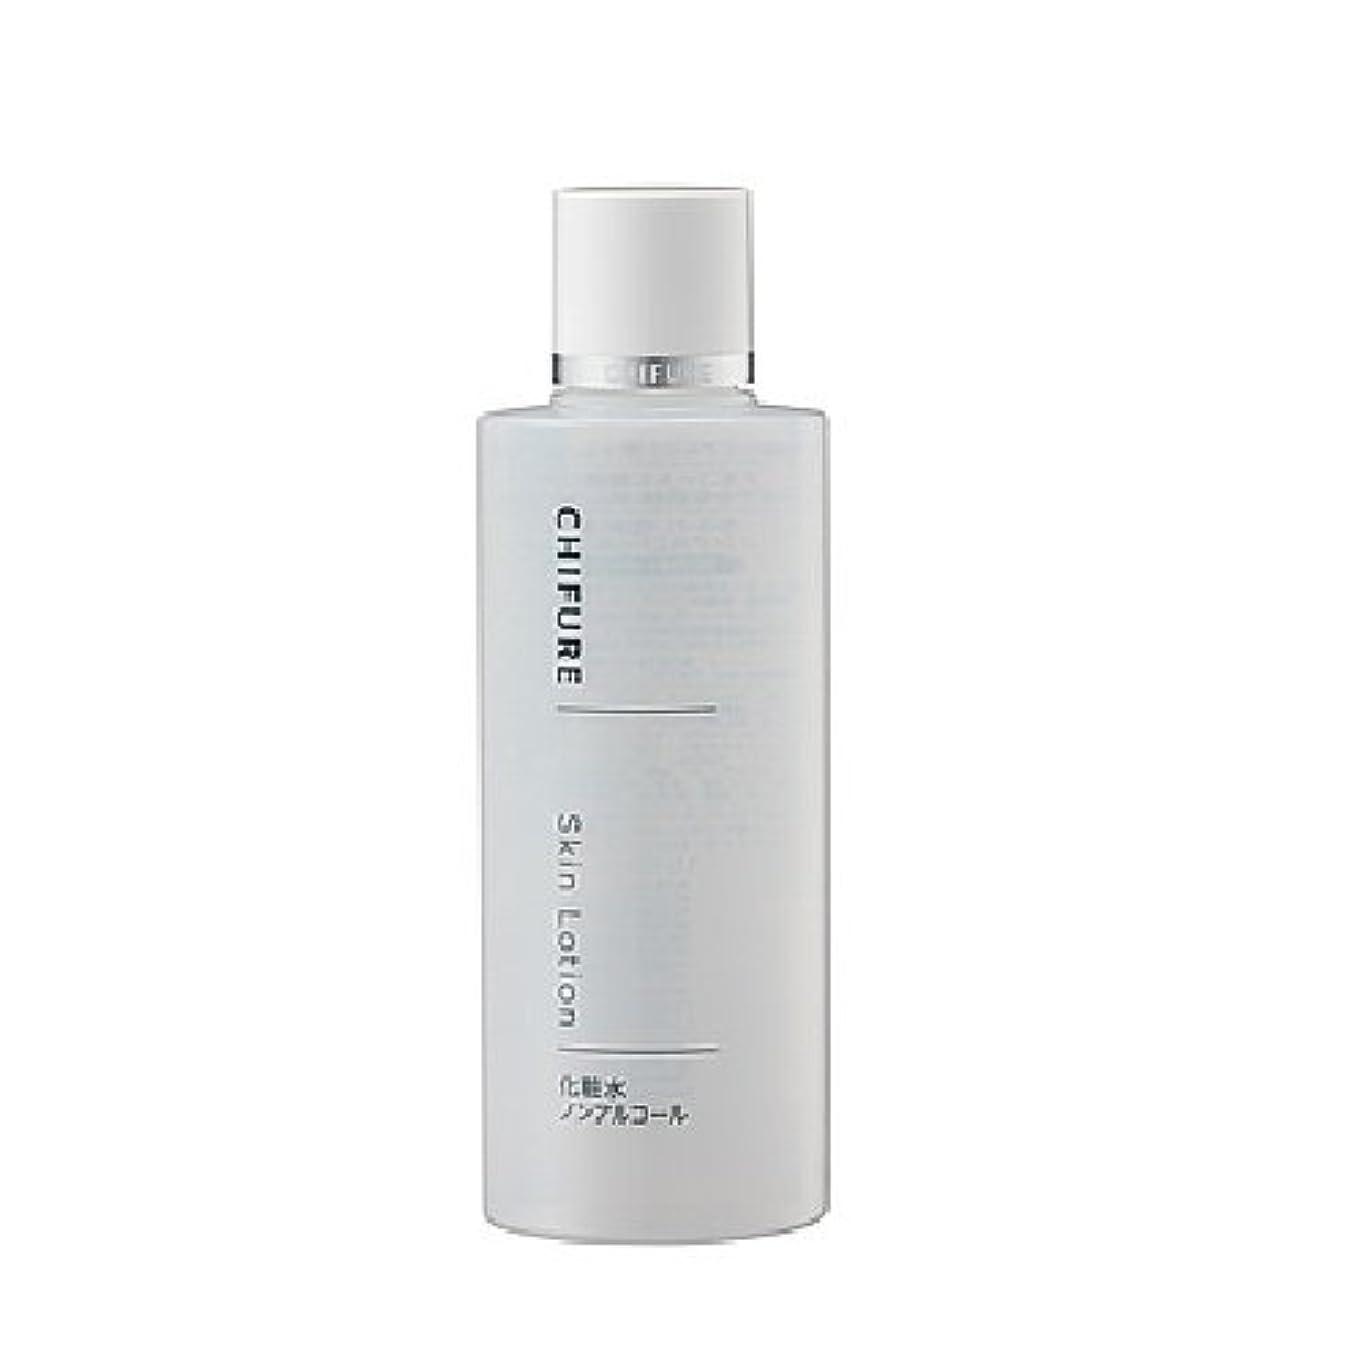 カラス大統領不器用ちふれ化粧品 化粧水 ノンアルコールタイプ 180ML